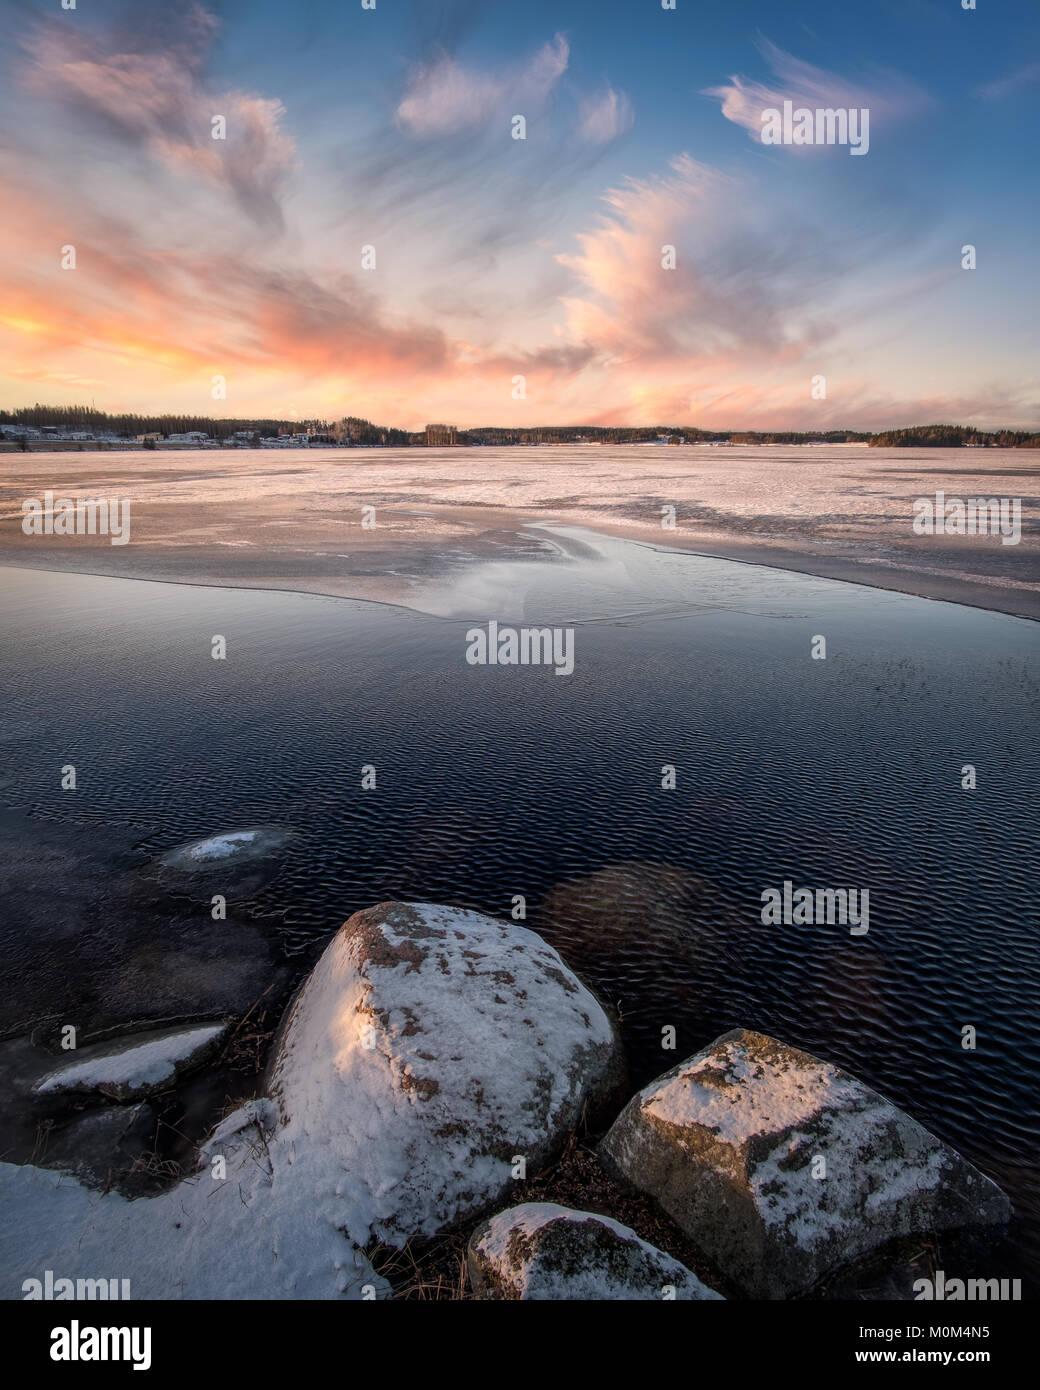 Pintoresco paisaje con puesta de sol y lago congelado en noche de invierno en Finlandia Imagen De Stock